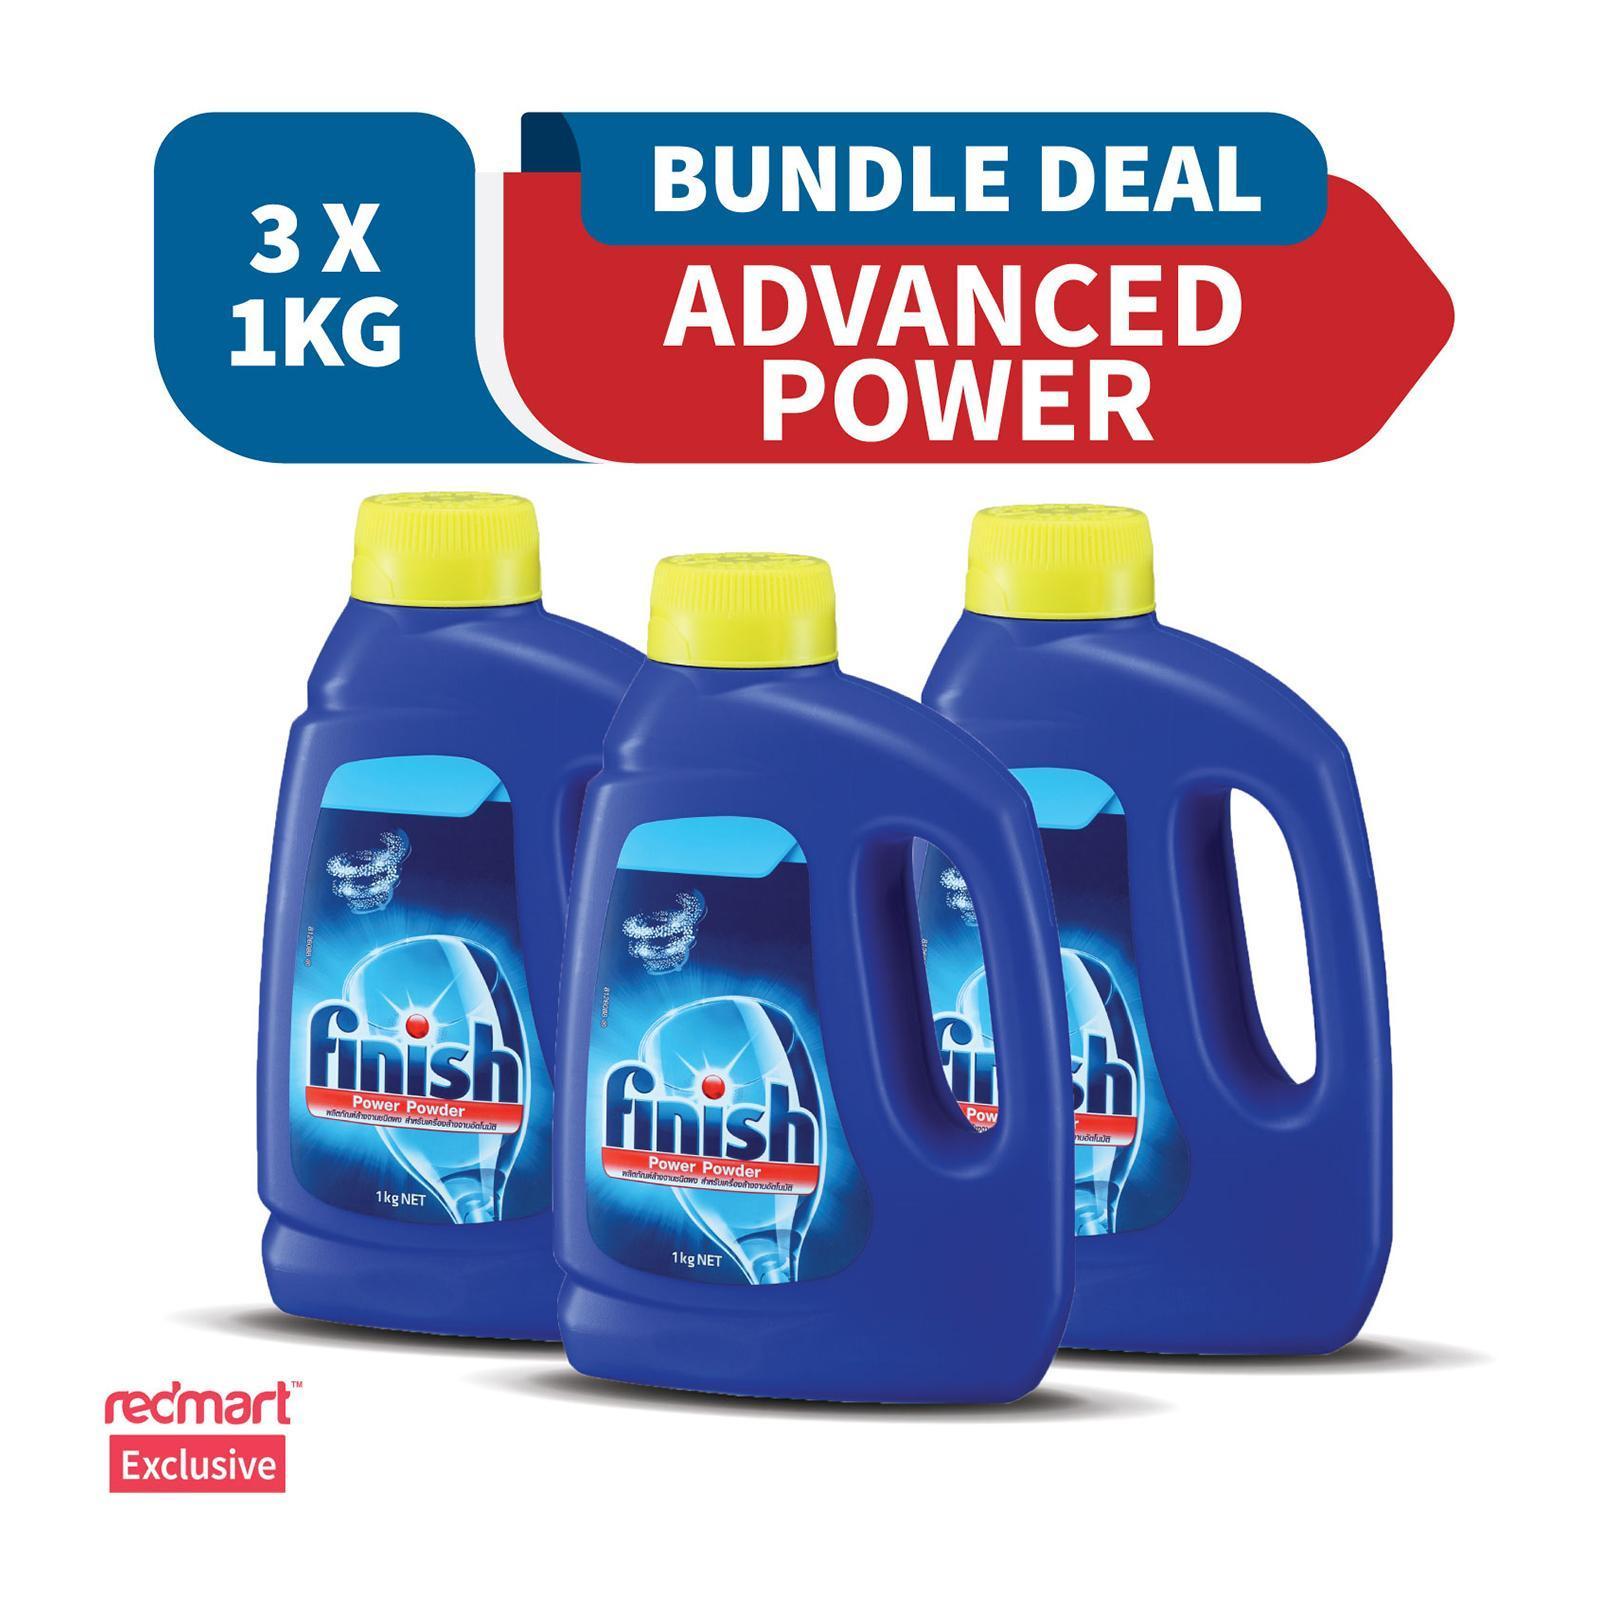 Finish Advanced Power Powder Detergent 1 KG x 3